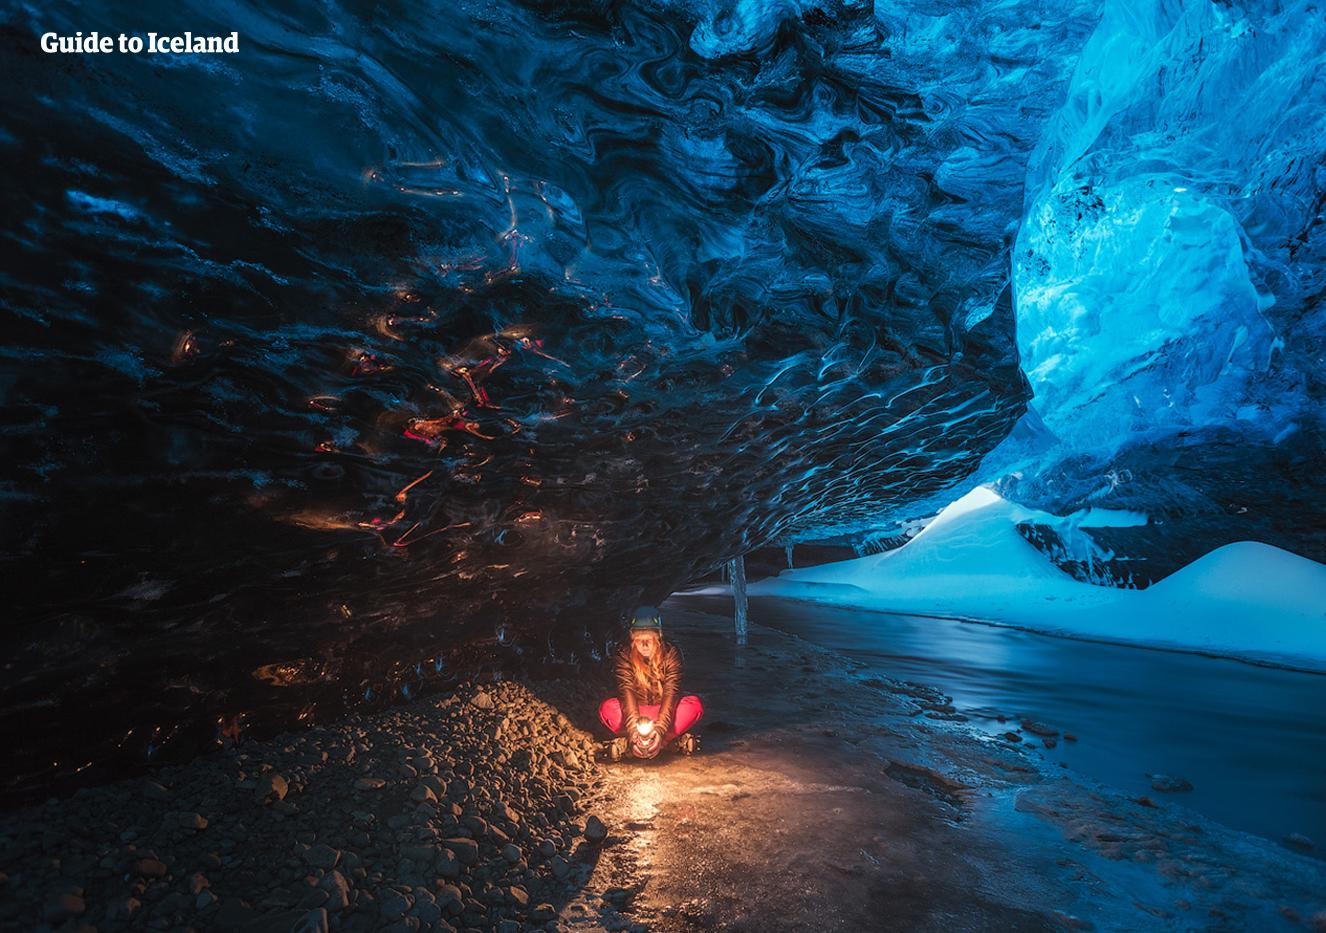 L'Islanda in Inverno - 5 Giorni | Grotta di Ghiaccio - Aurore Boreali - Circolo d'Oro